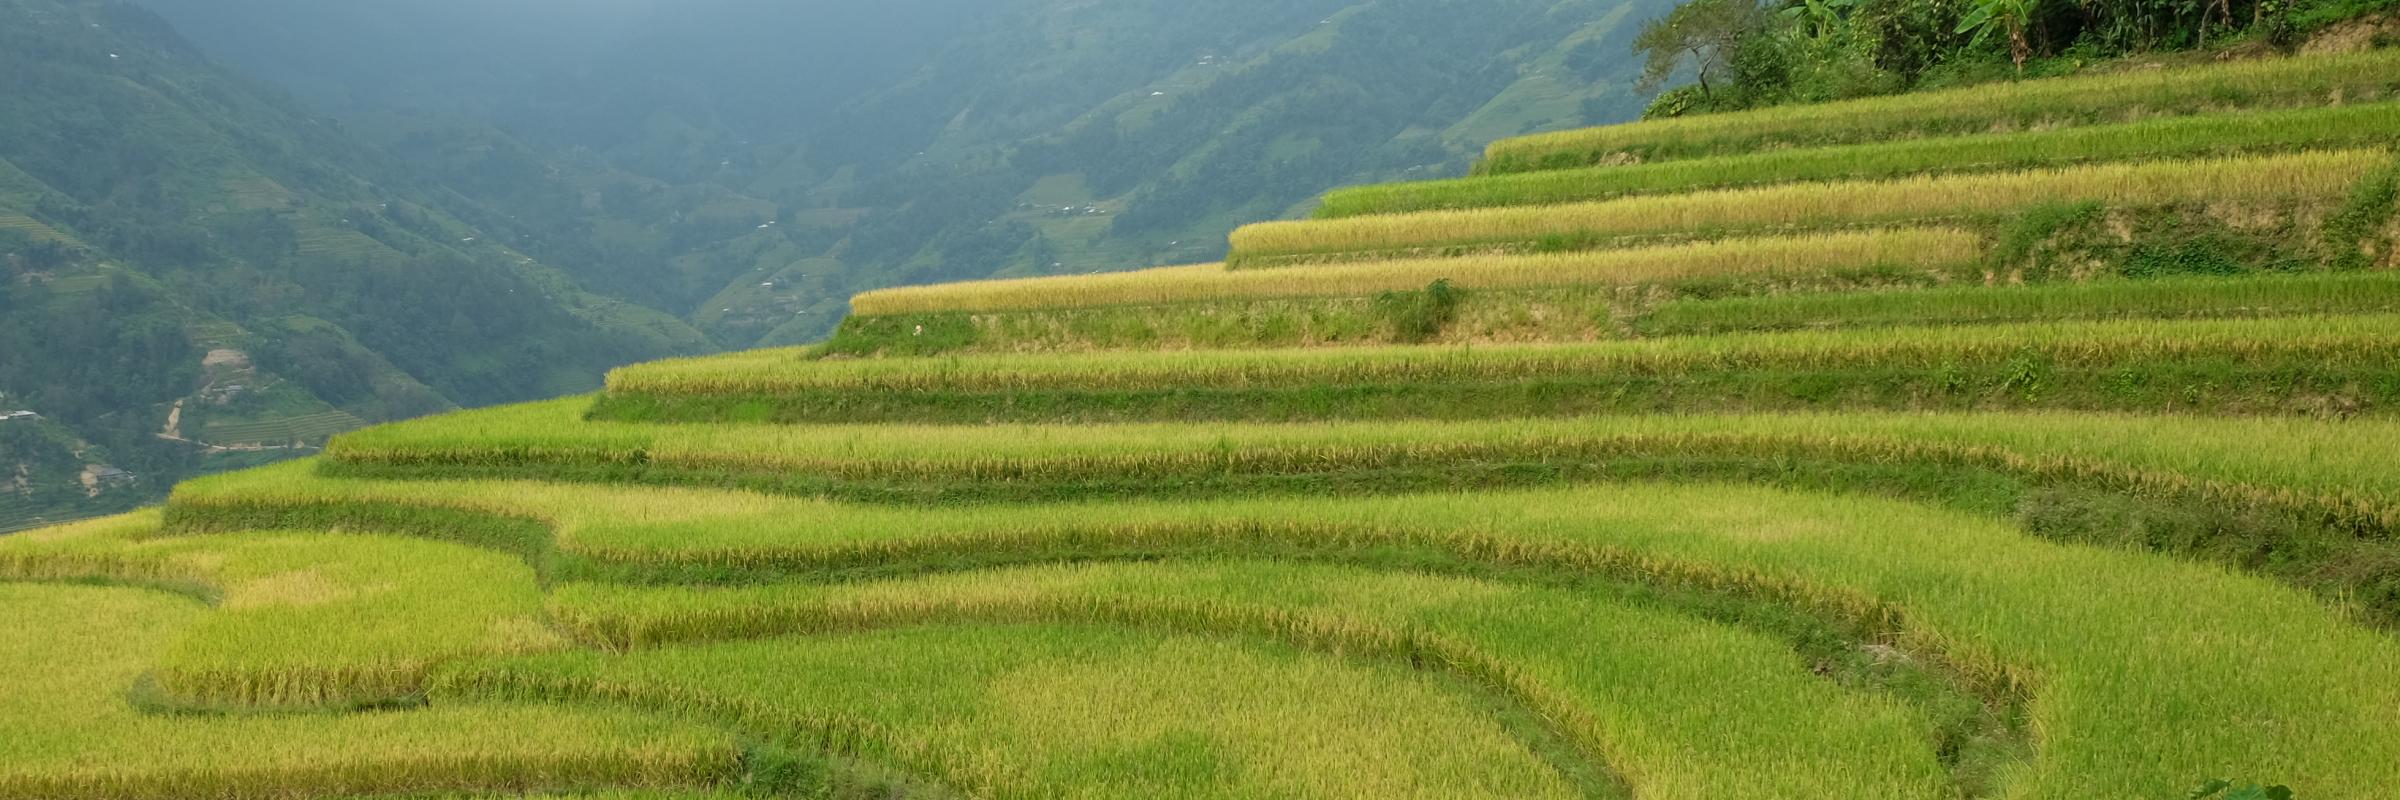 https://gody.vn/blog/ngohang4894244/post/don-mua-lua-chin-tai-ban-phung-hoang-su-phi-ha-giang-8385